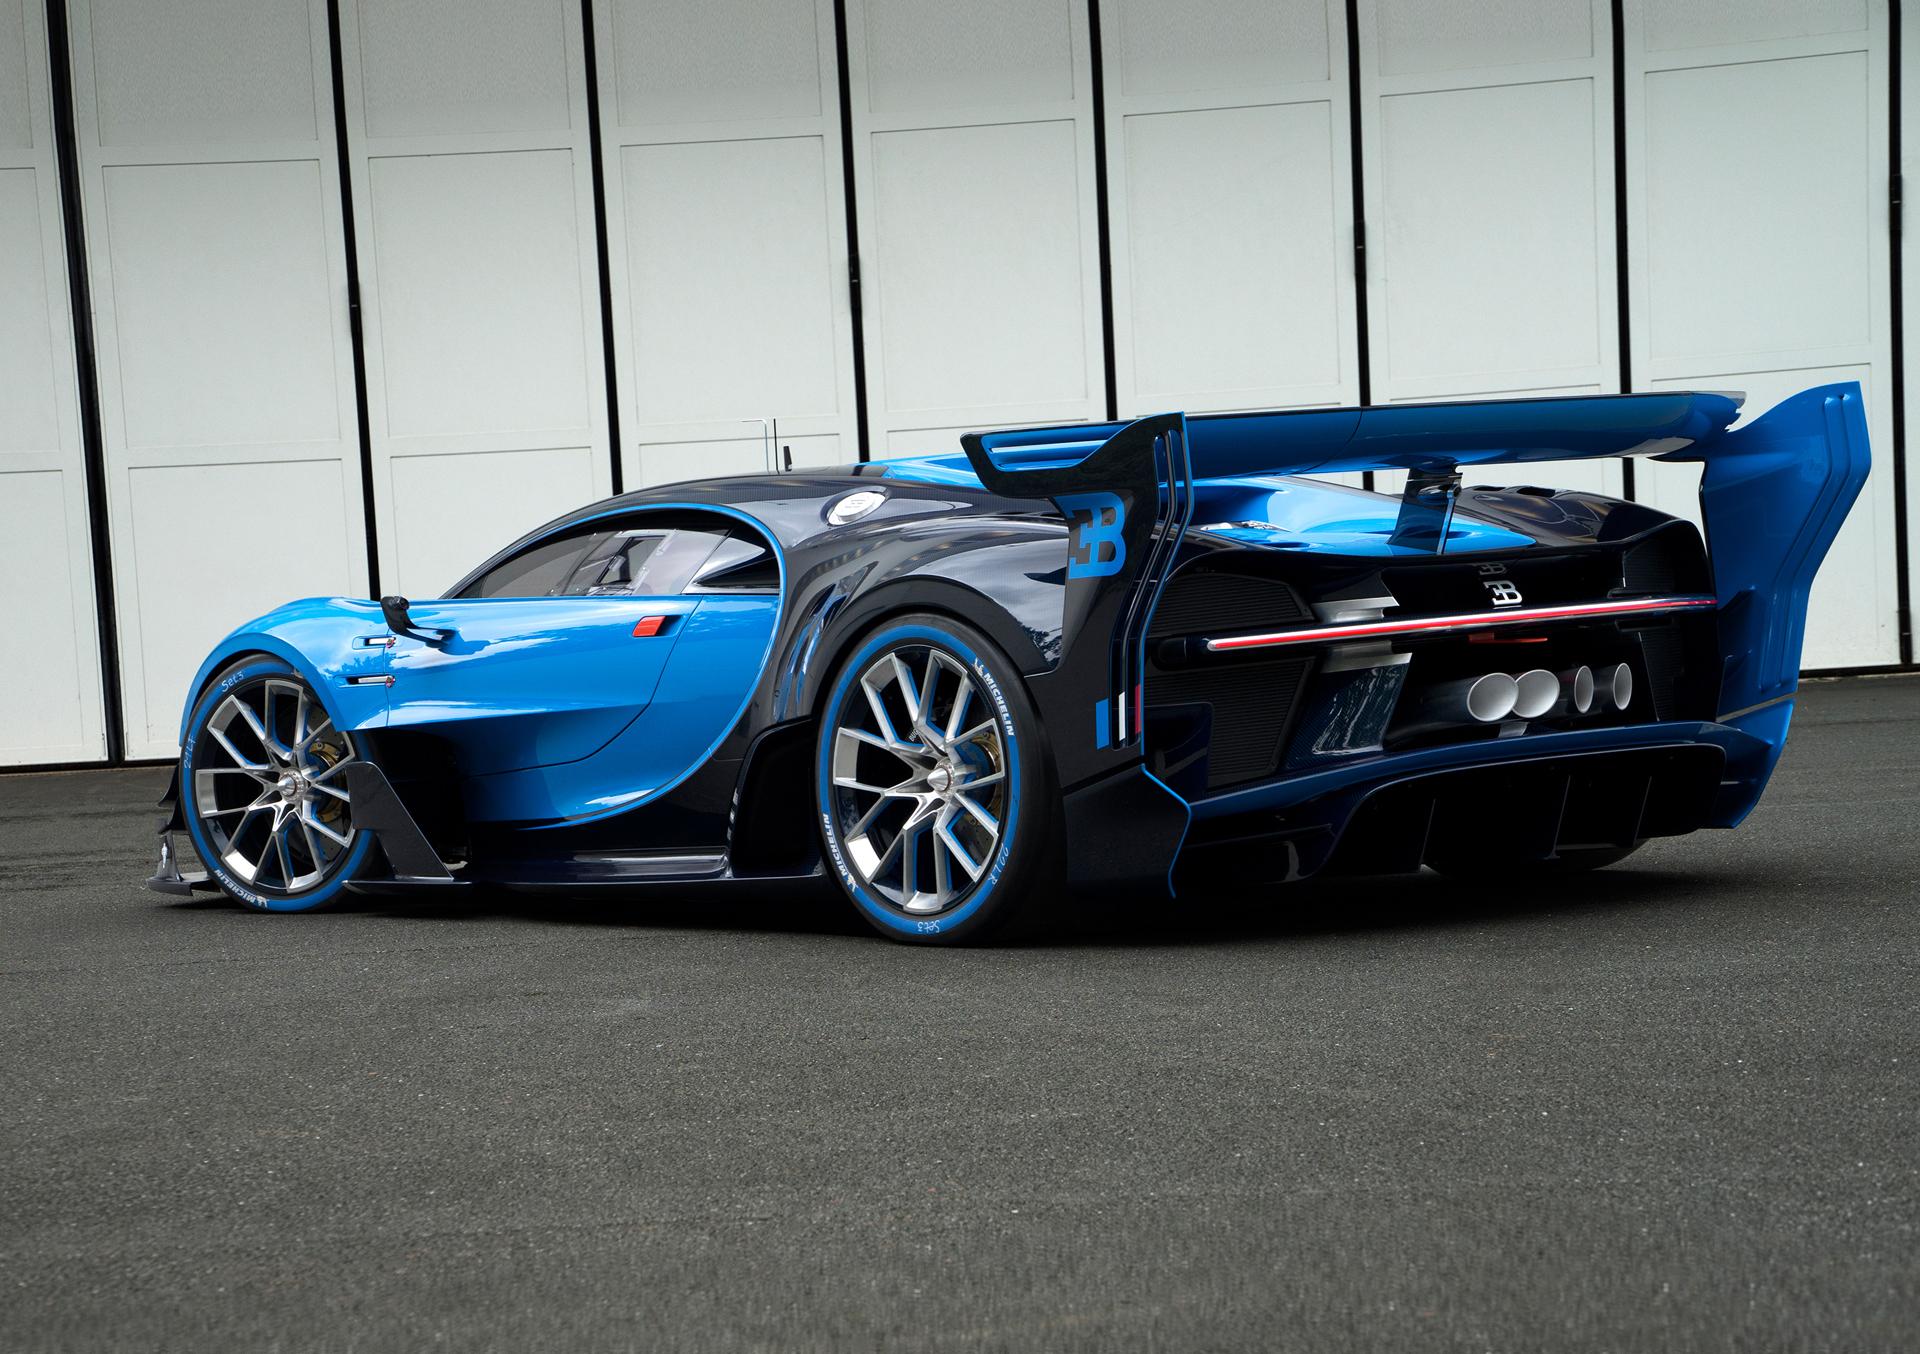 Bugatti_Vision_GranTurismo_reveal_9